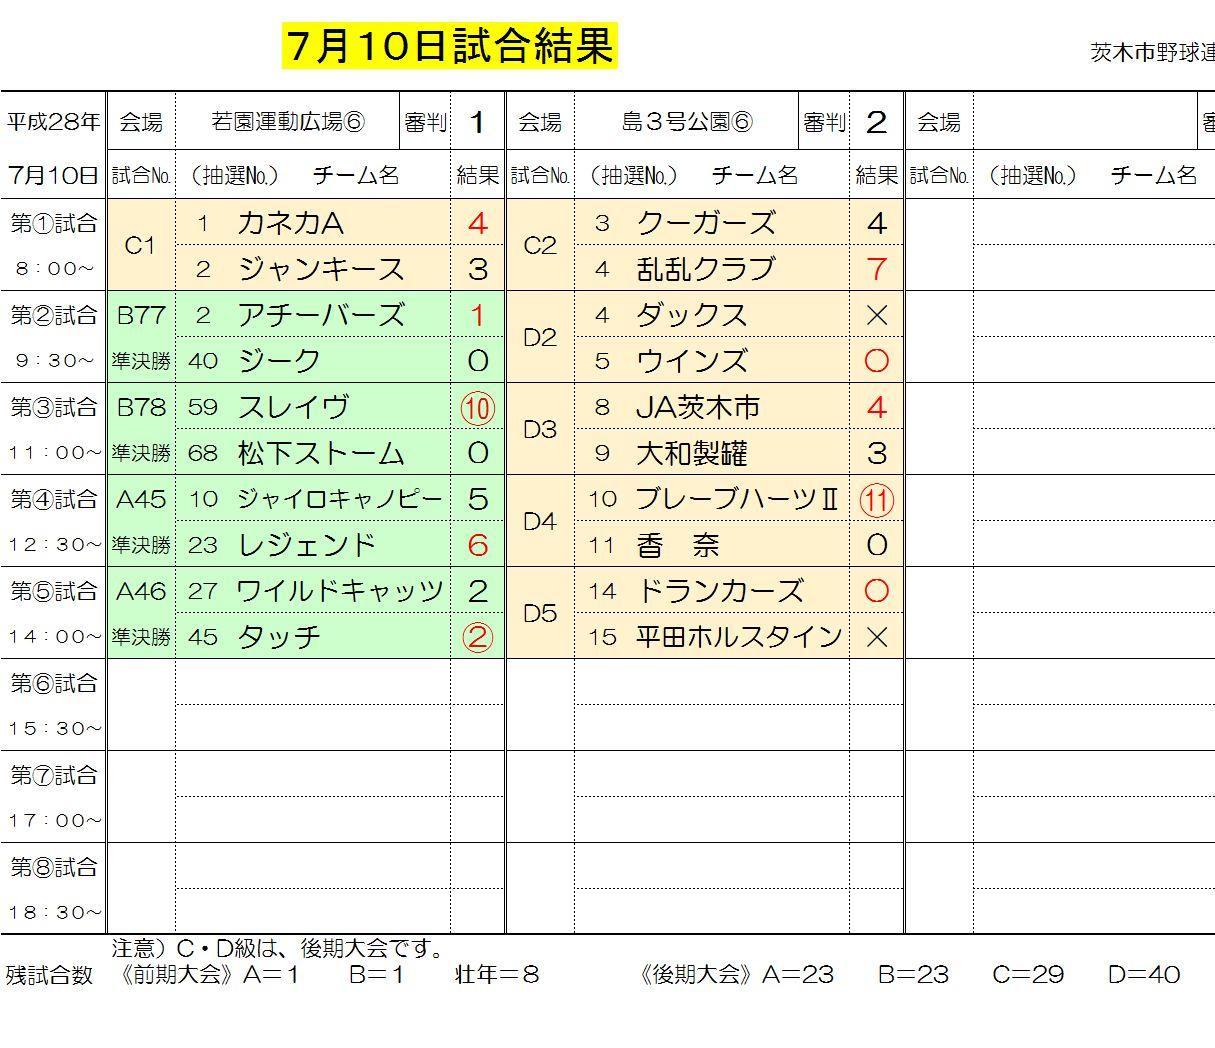 7月10日試合結果